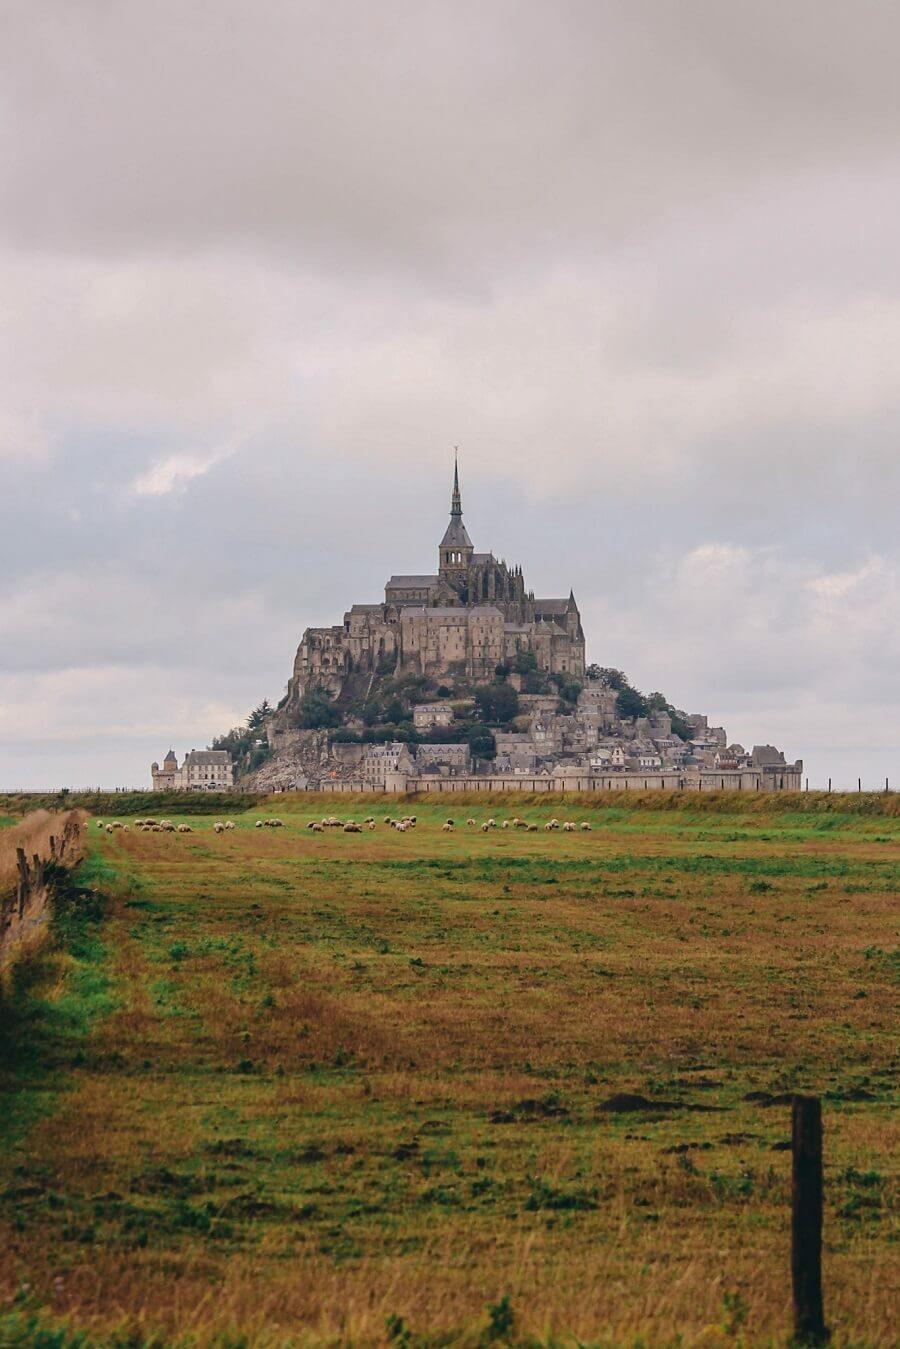 Le mont saint michel 3 giorni in normandia